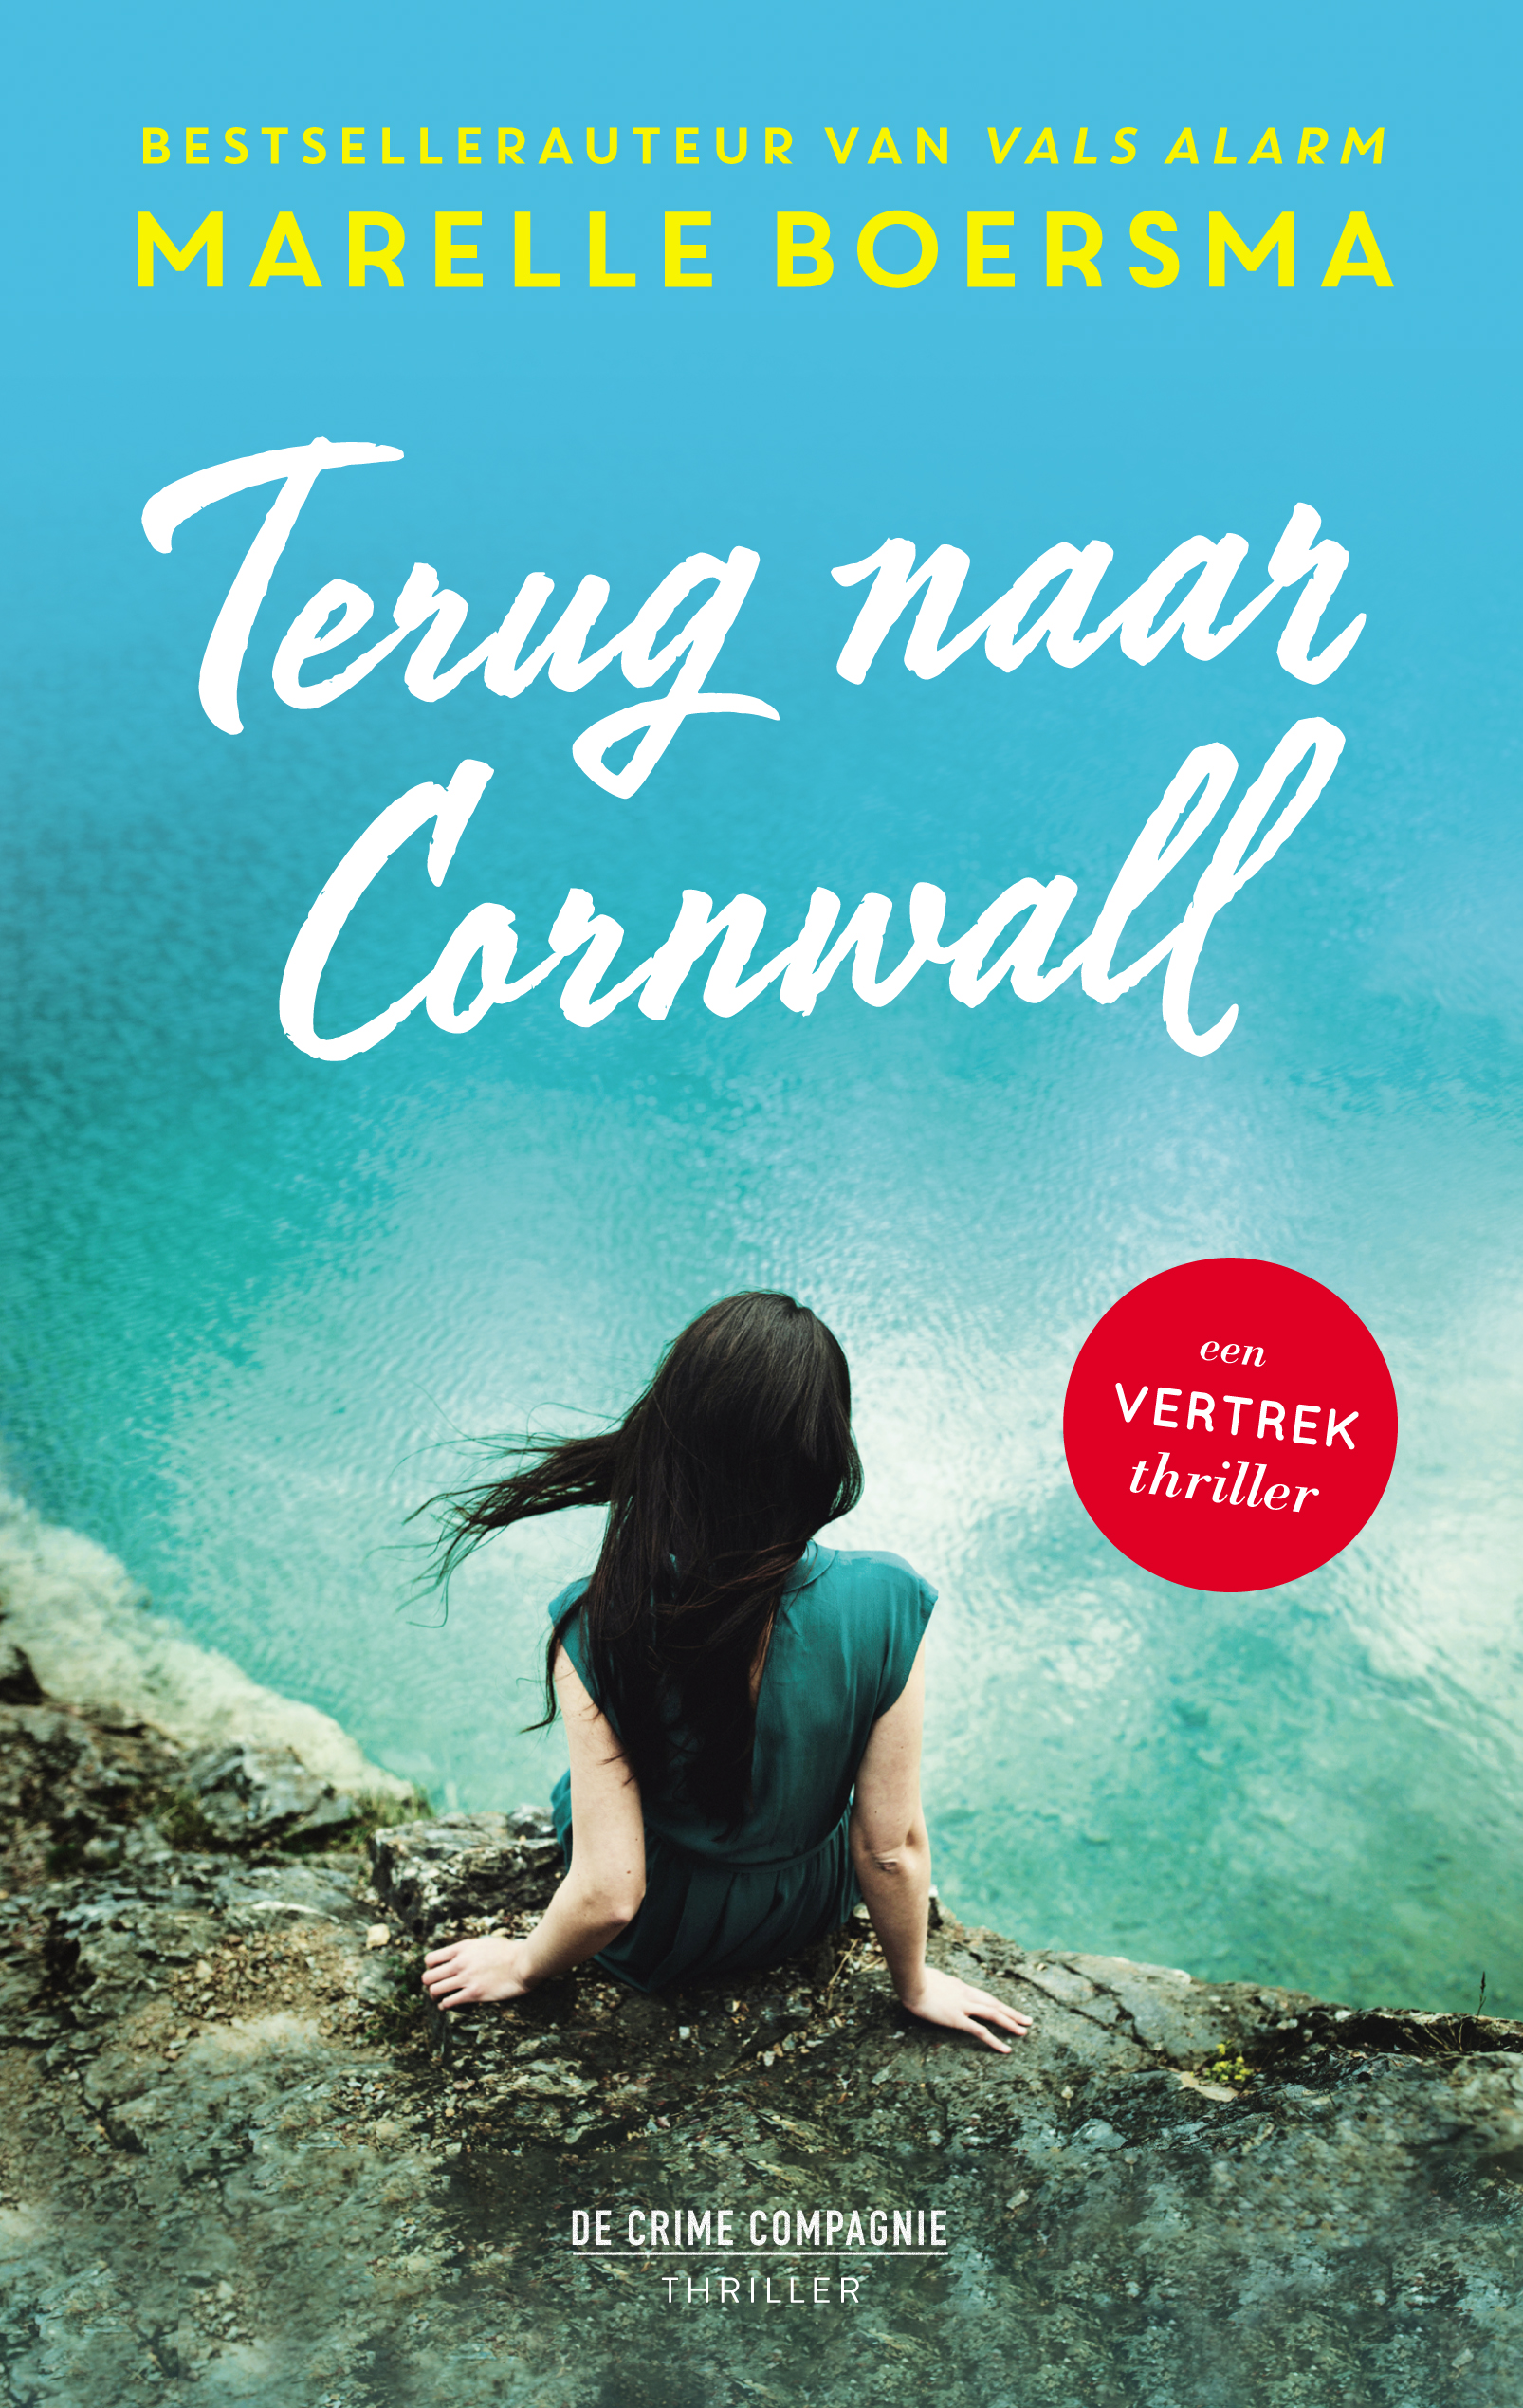 Terug naar Cornwall - boekenflits.nl